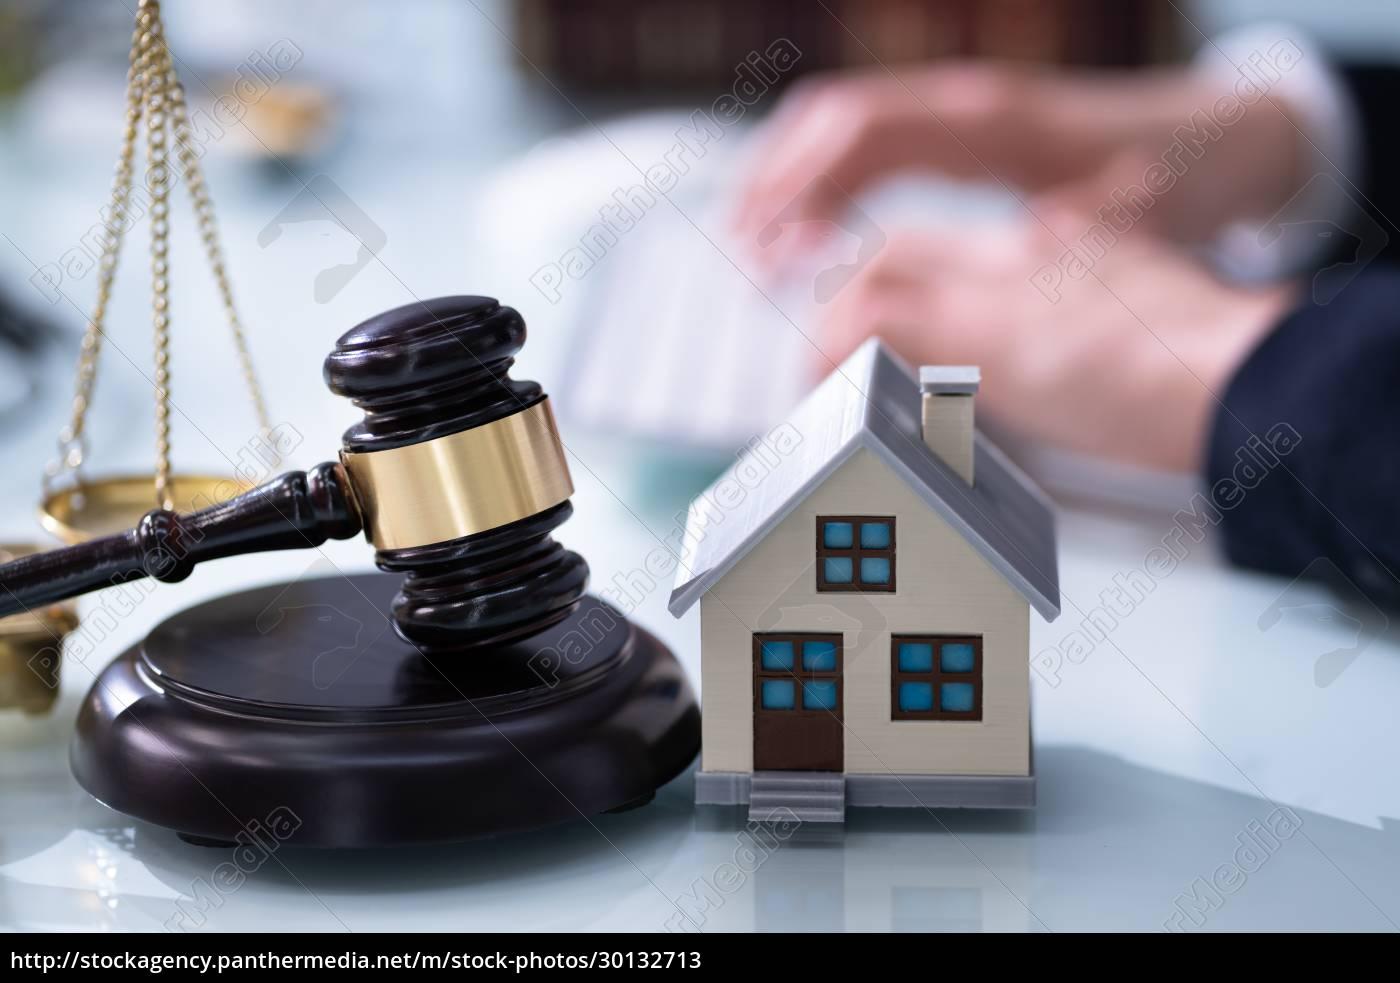 immobilienhaus, zwangsvollstreckung, rechtsanwalt - 30132713